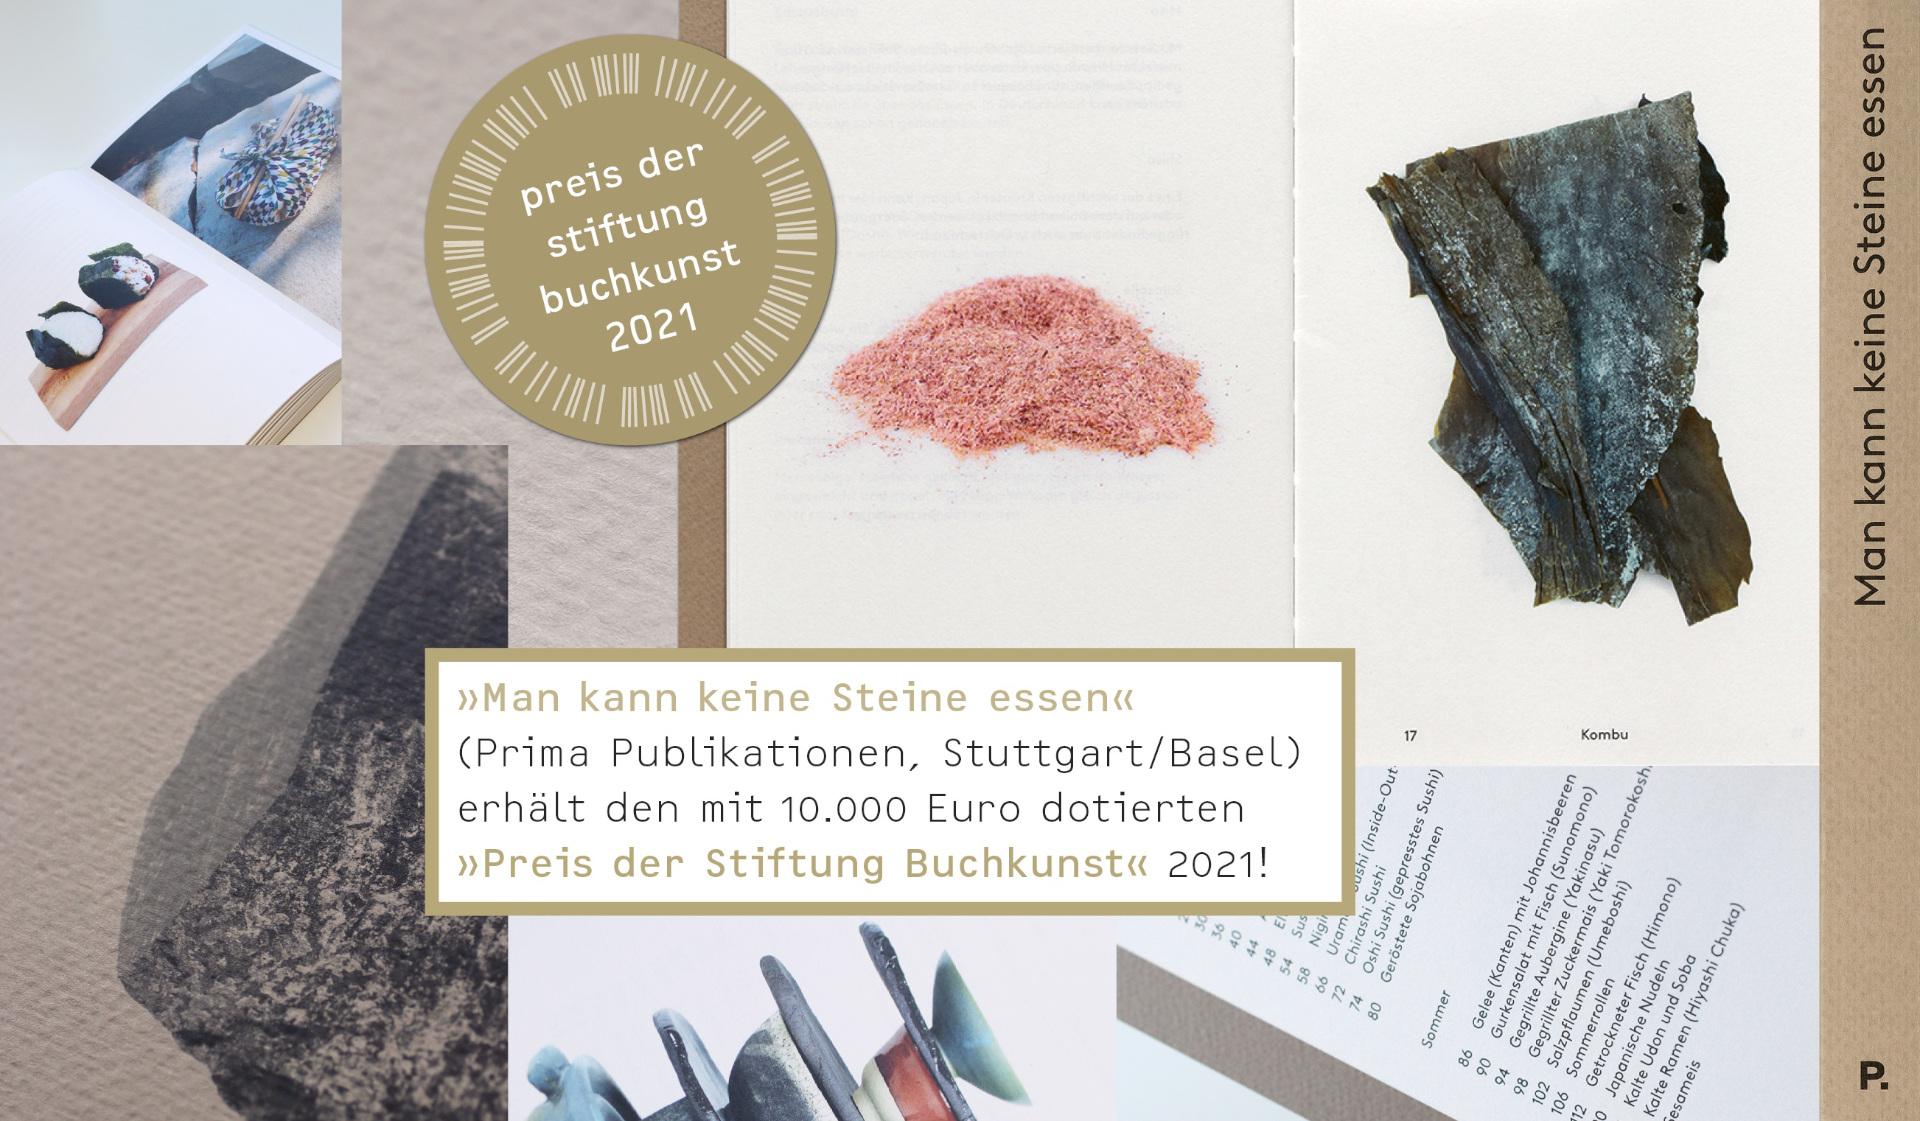 Preis der Stiftung Buchkunst 2021 geht an den Verlag Prima Publikationen